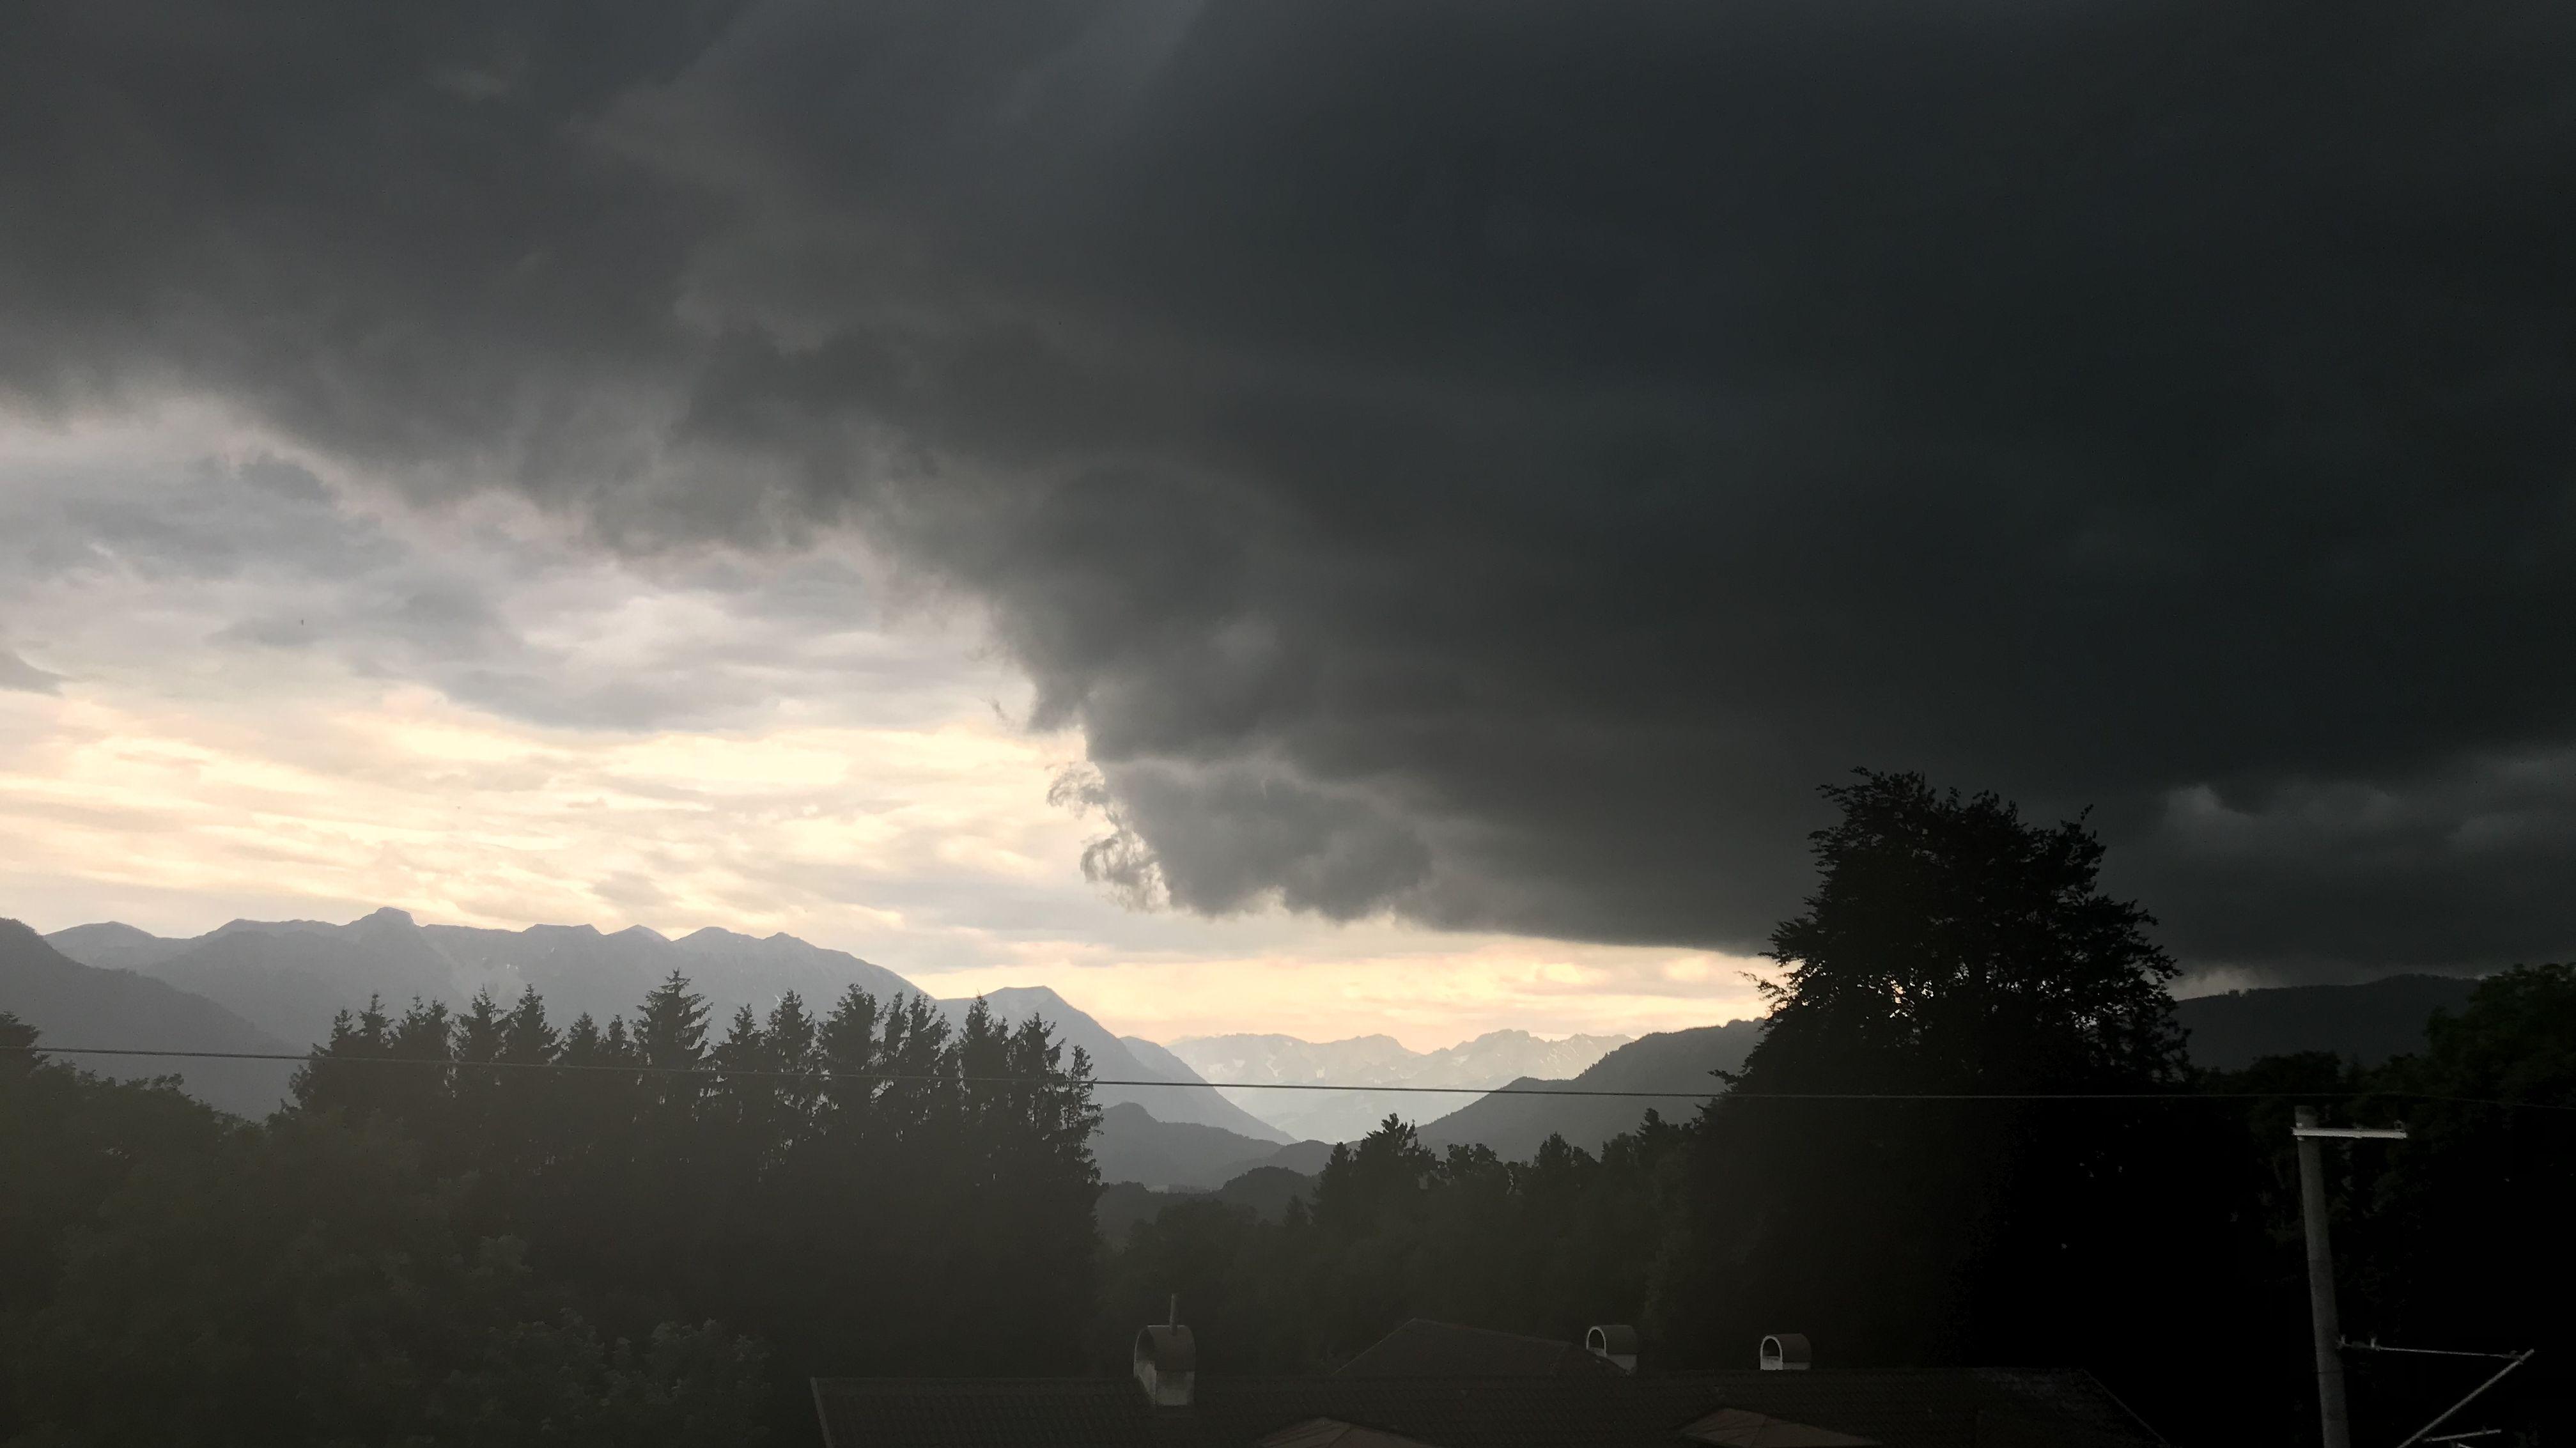 Über Murnau zieht ein Gewitter auf.